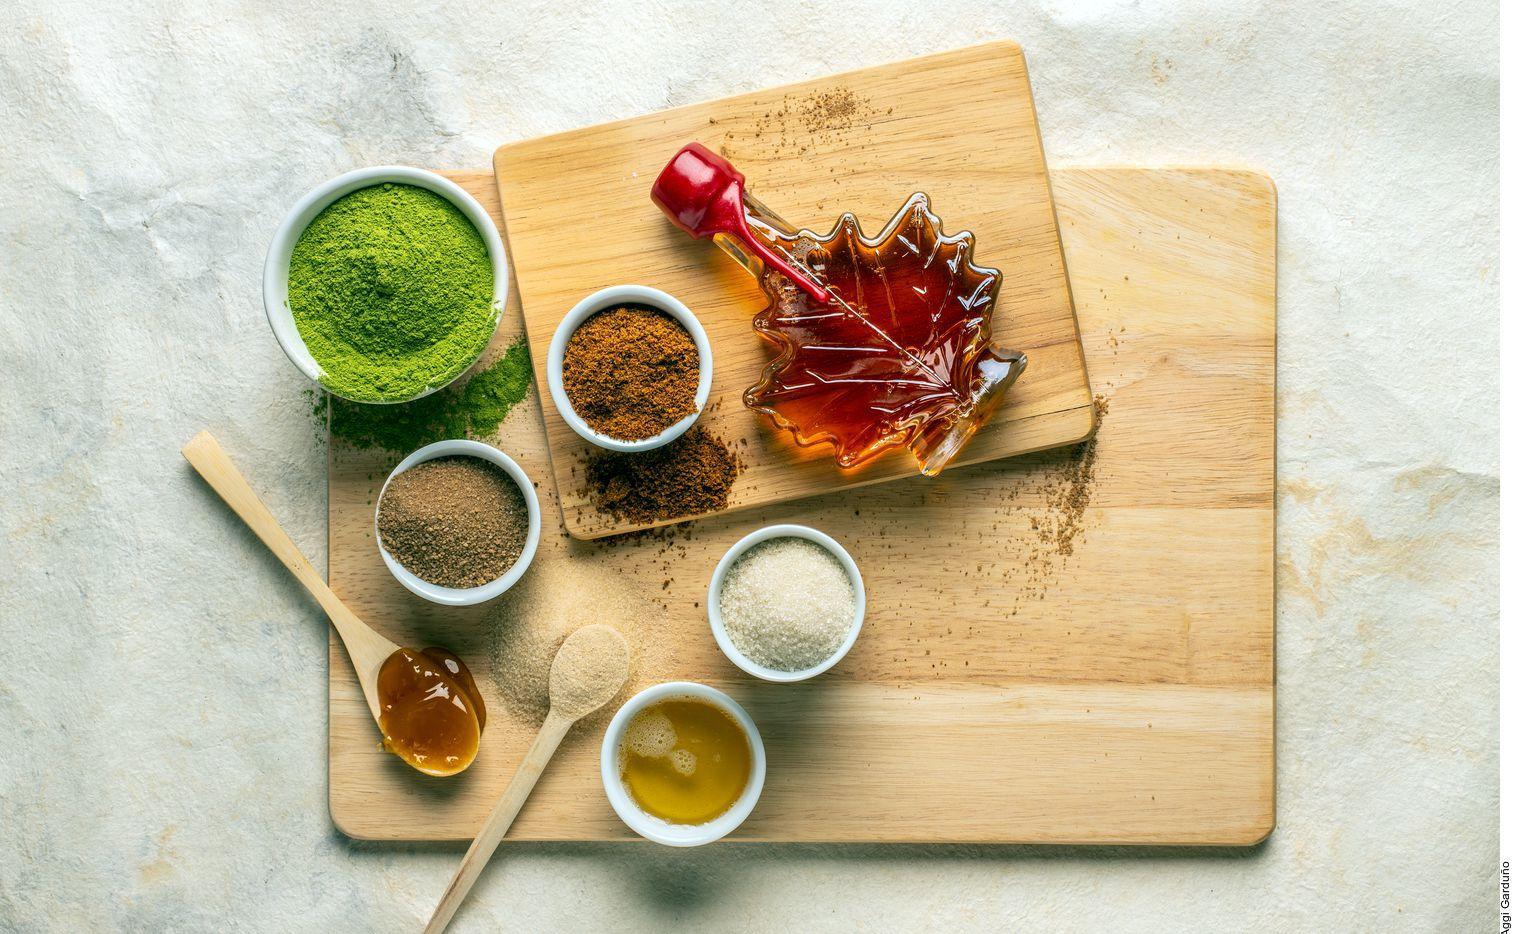 Los endulzantes o edulcorantes artificiales (sacarina, sucralosa, aspartame y acesulfame de potasio) no contienen calorías; sin embargo, varios estudios concluyen que no son la mejor opción para la salud. (AGENCIA REFORMA)